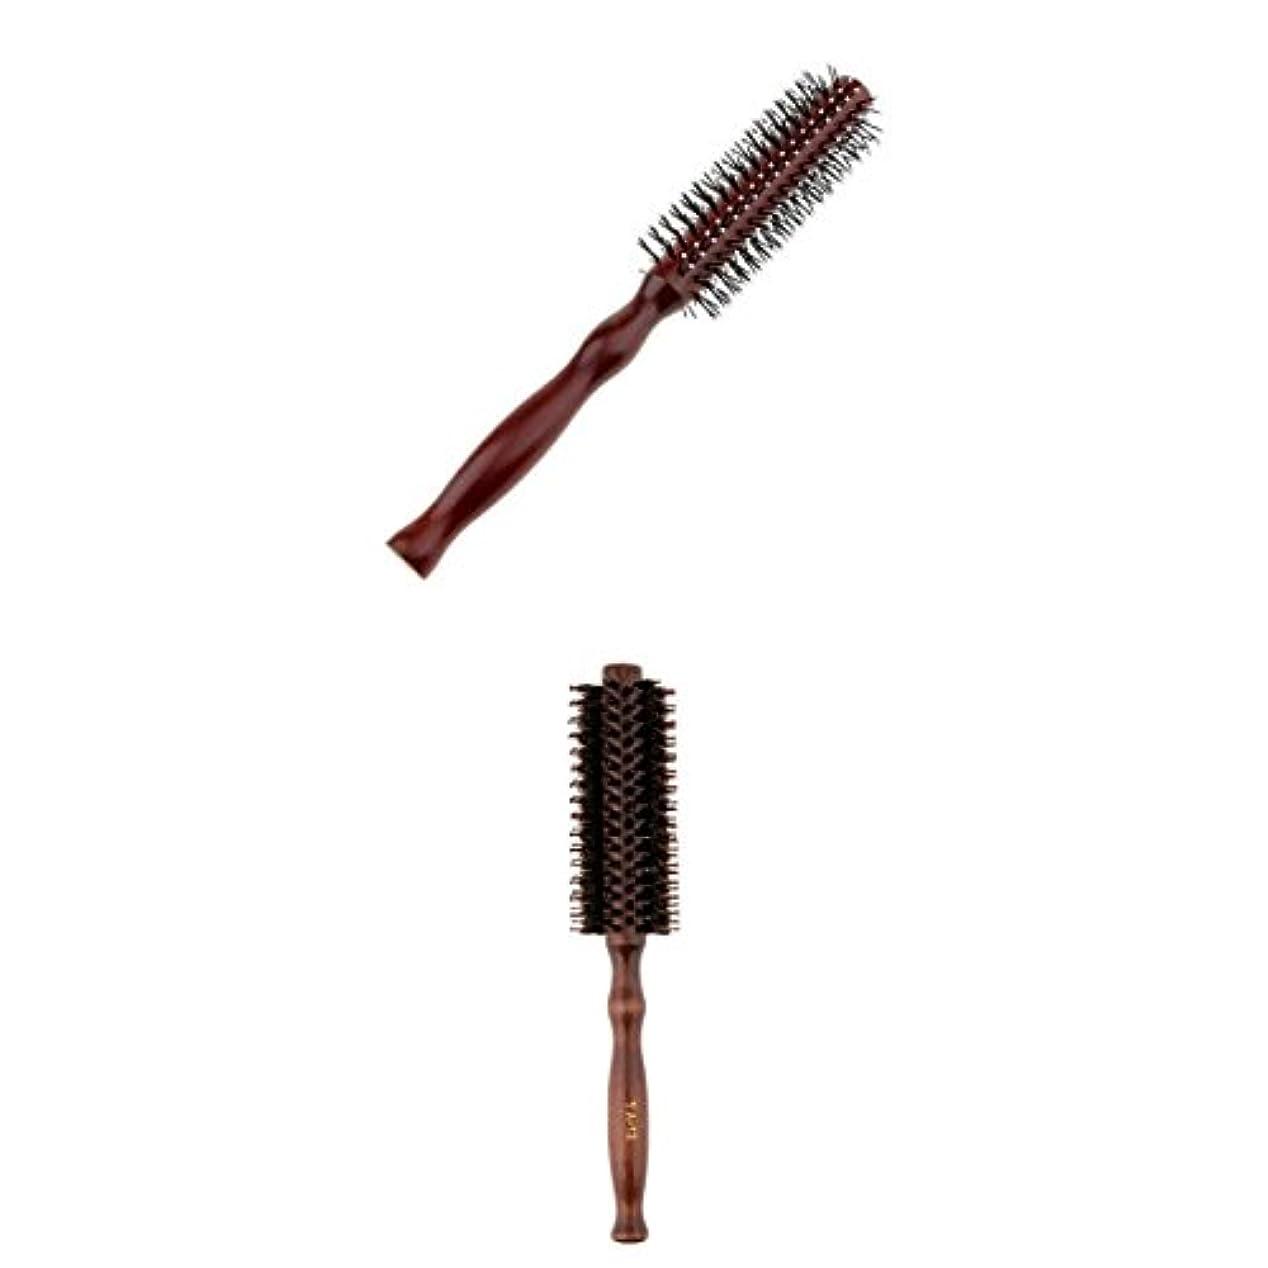 自治的コットン葉巻ヘアブラシ ロールブラシ ヘアコーム 木製櫛 理髪師 家庭 アクセサリー 2点入り